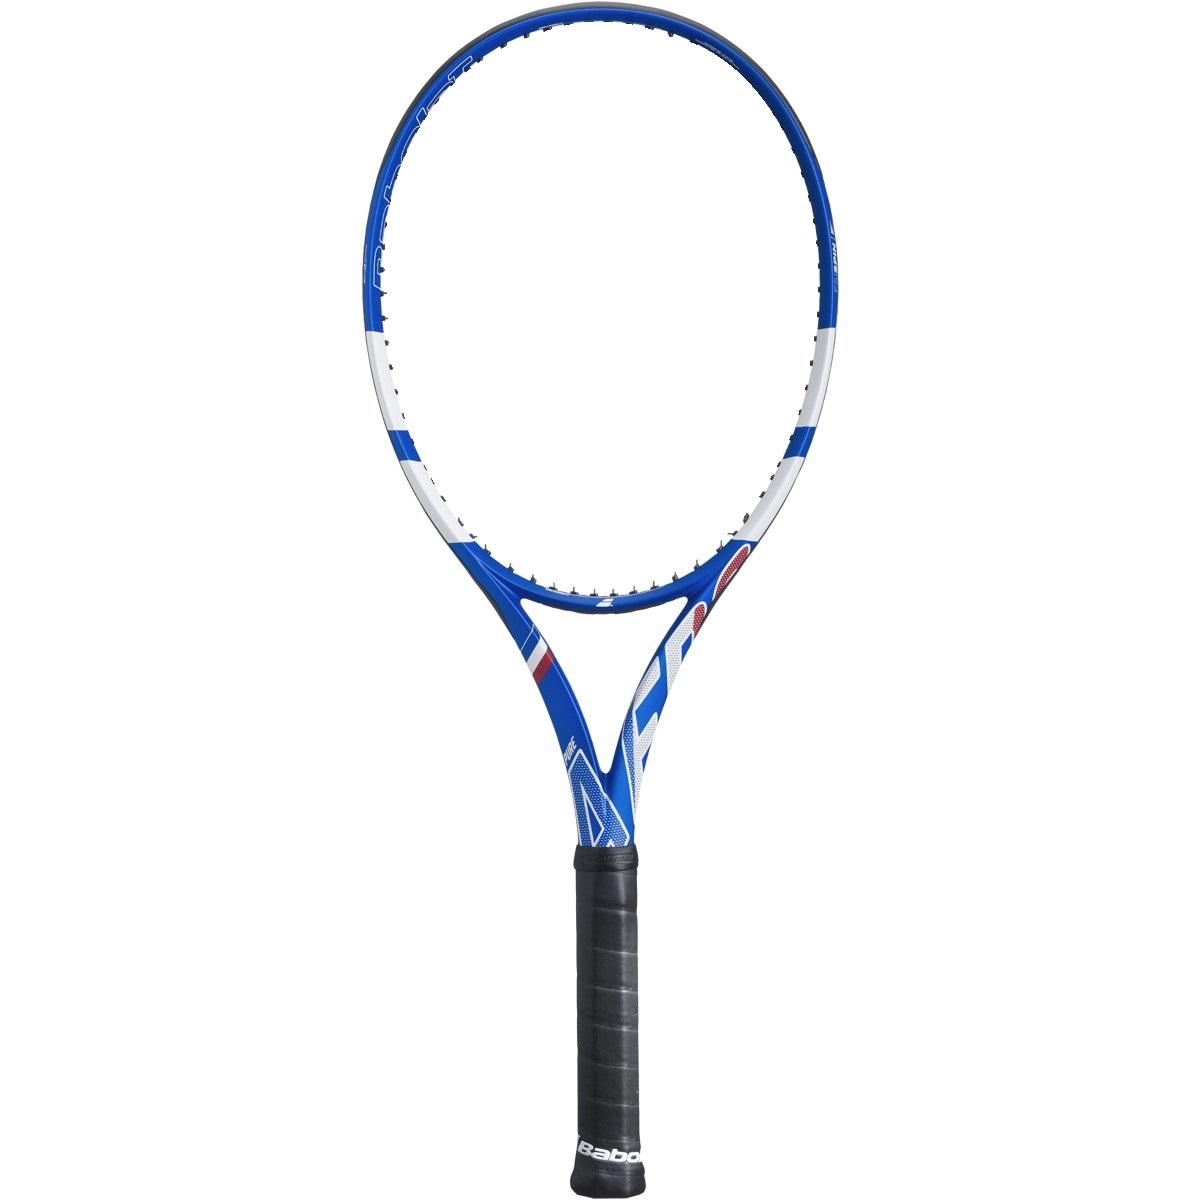 【グリップ5個プレゼント】【2020 NEWモデル!】バボラ ピュアアエロ フランス PURE AERO FRANCE テニスラケット